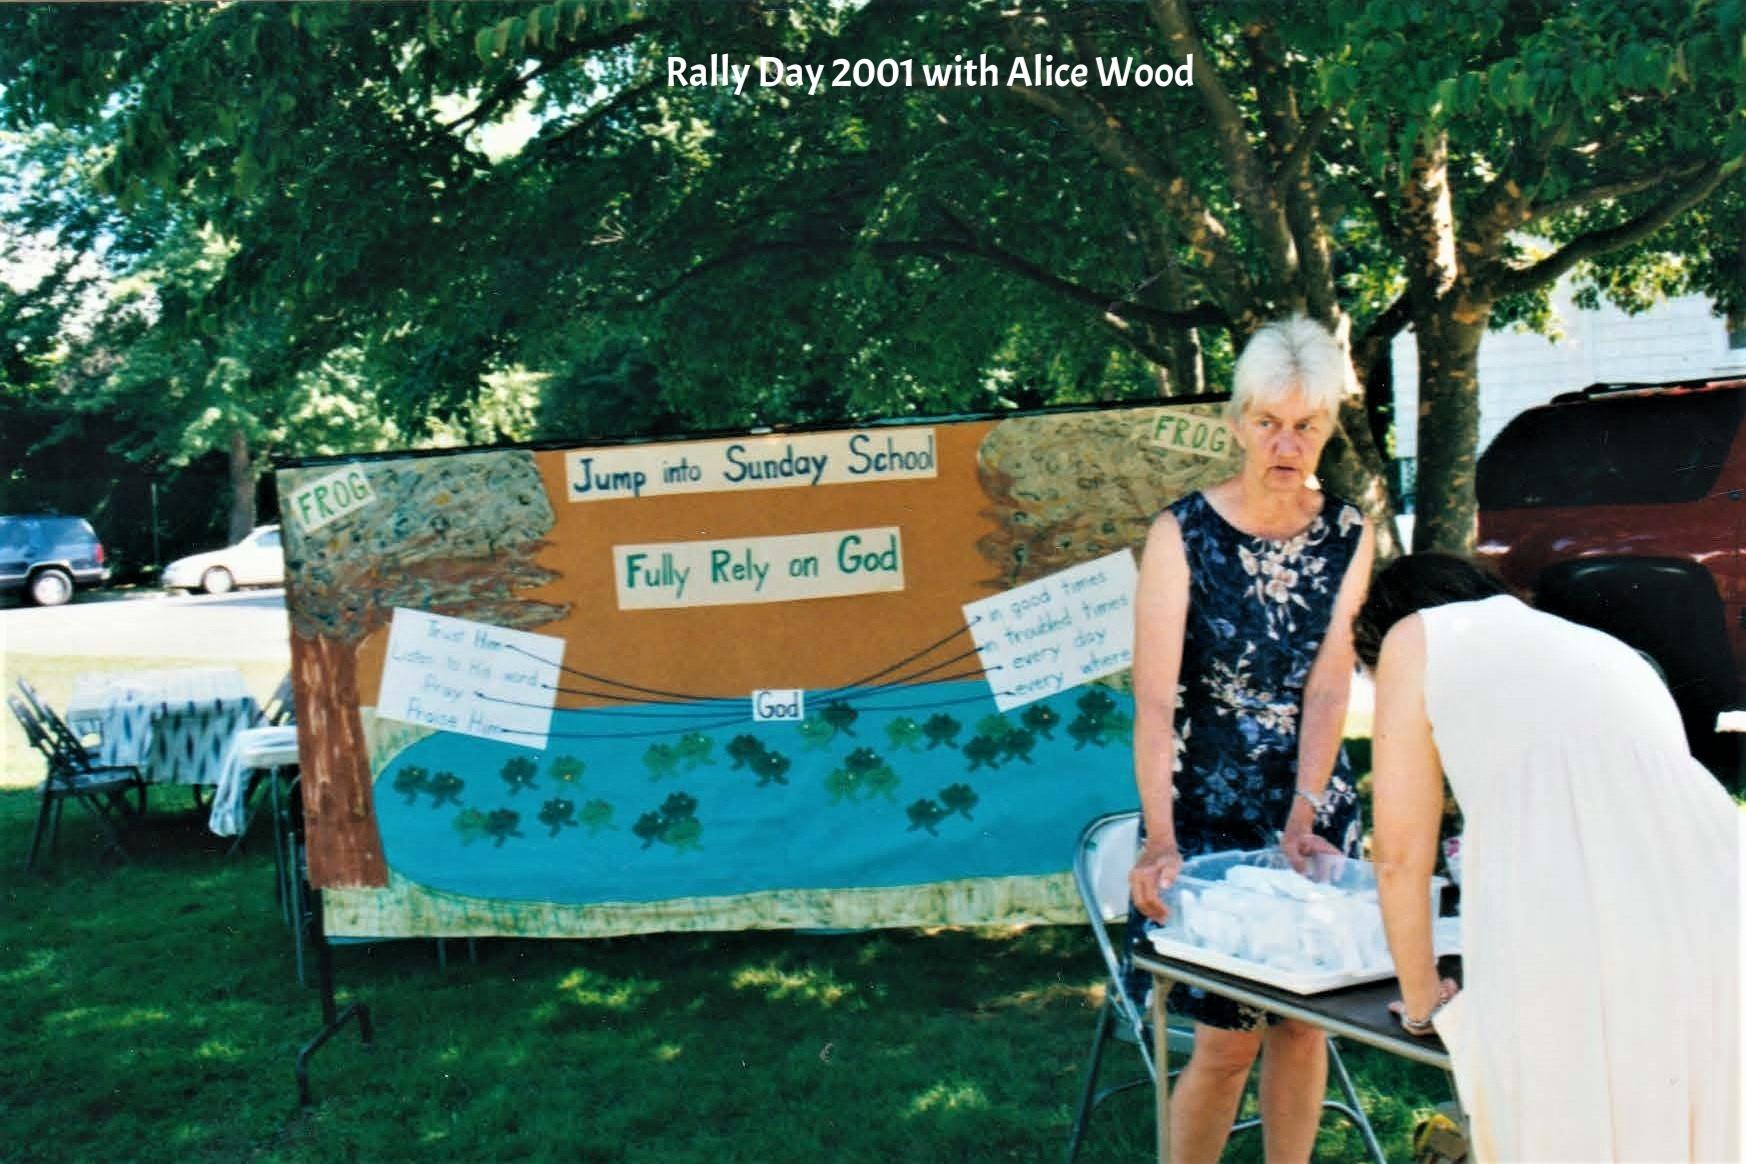 alicerallydaysep2001 (3).jpg